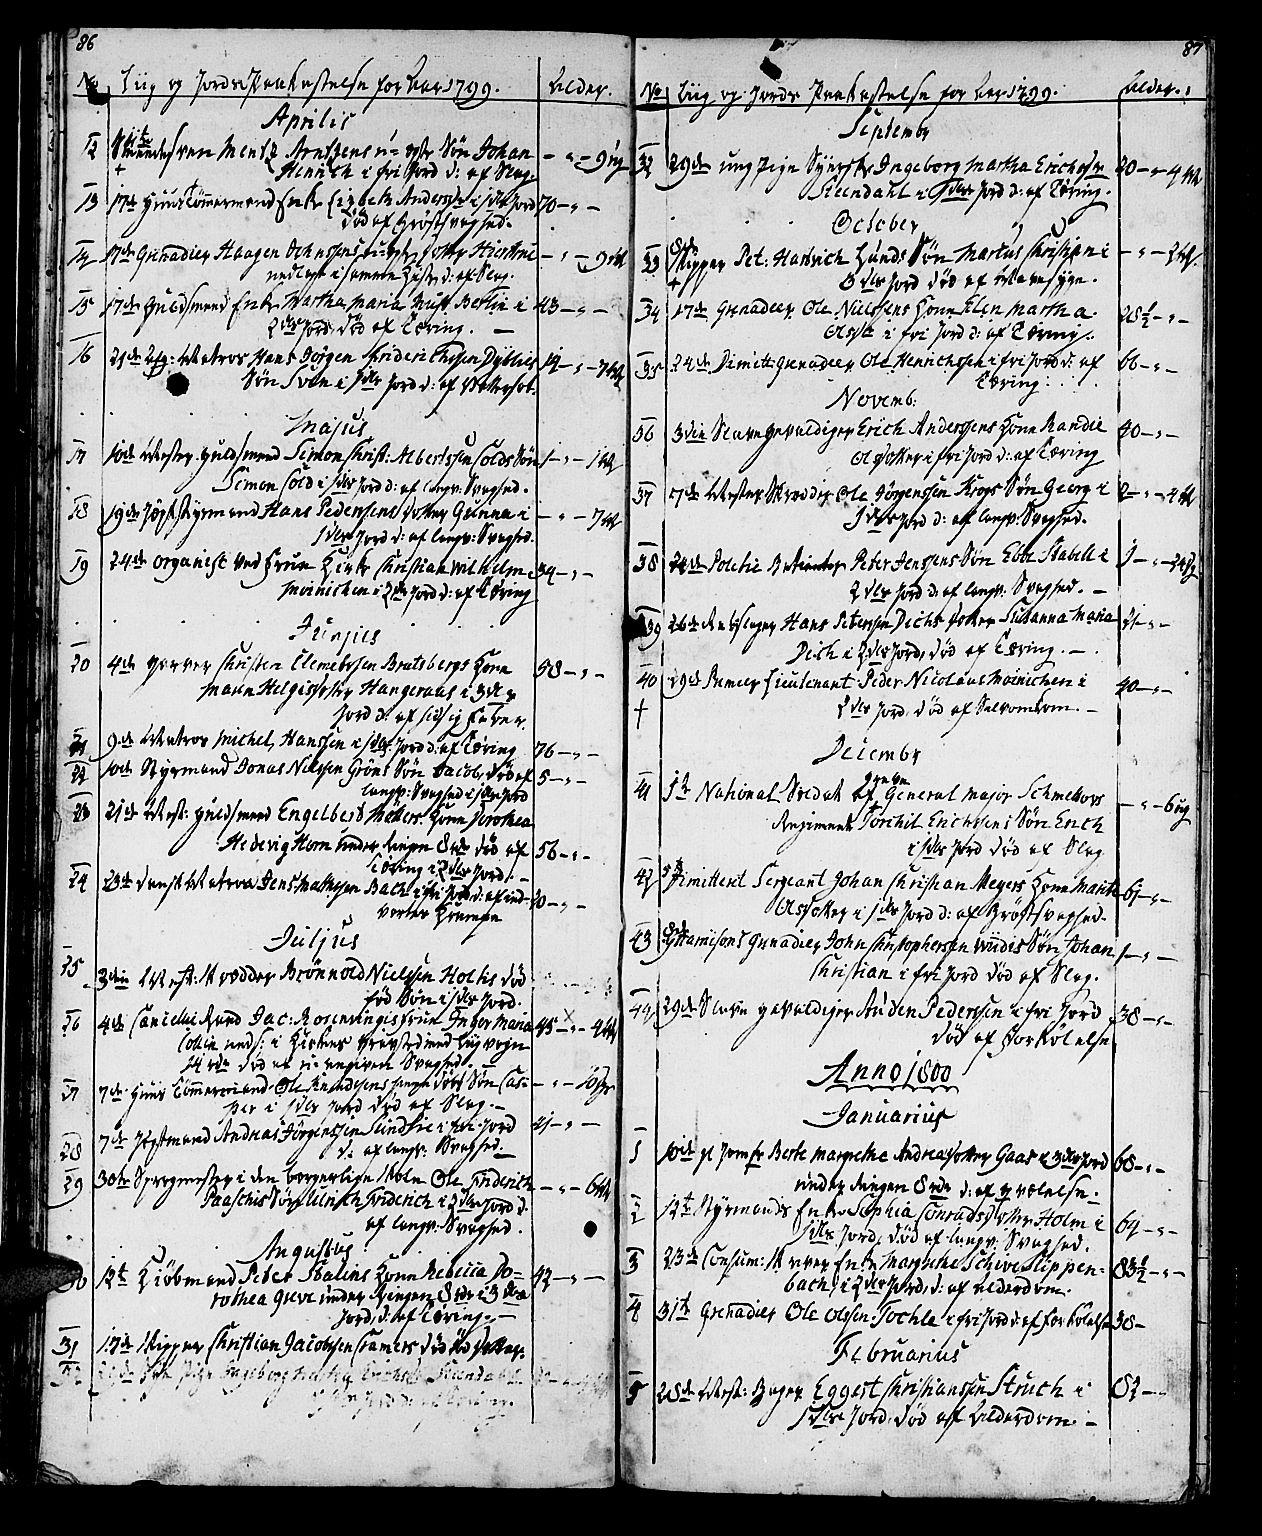 SAT, Ministerialprotokoller, klokkerbøker og fødselsregistre - Sør-Trøndelag, 602/L0134: Klokkerbok nr. 602C02, 1759-1812, s. 86-87